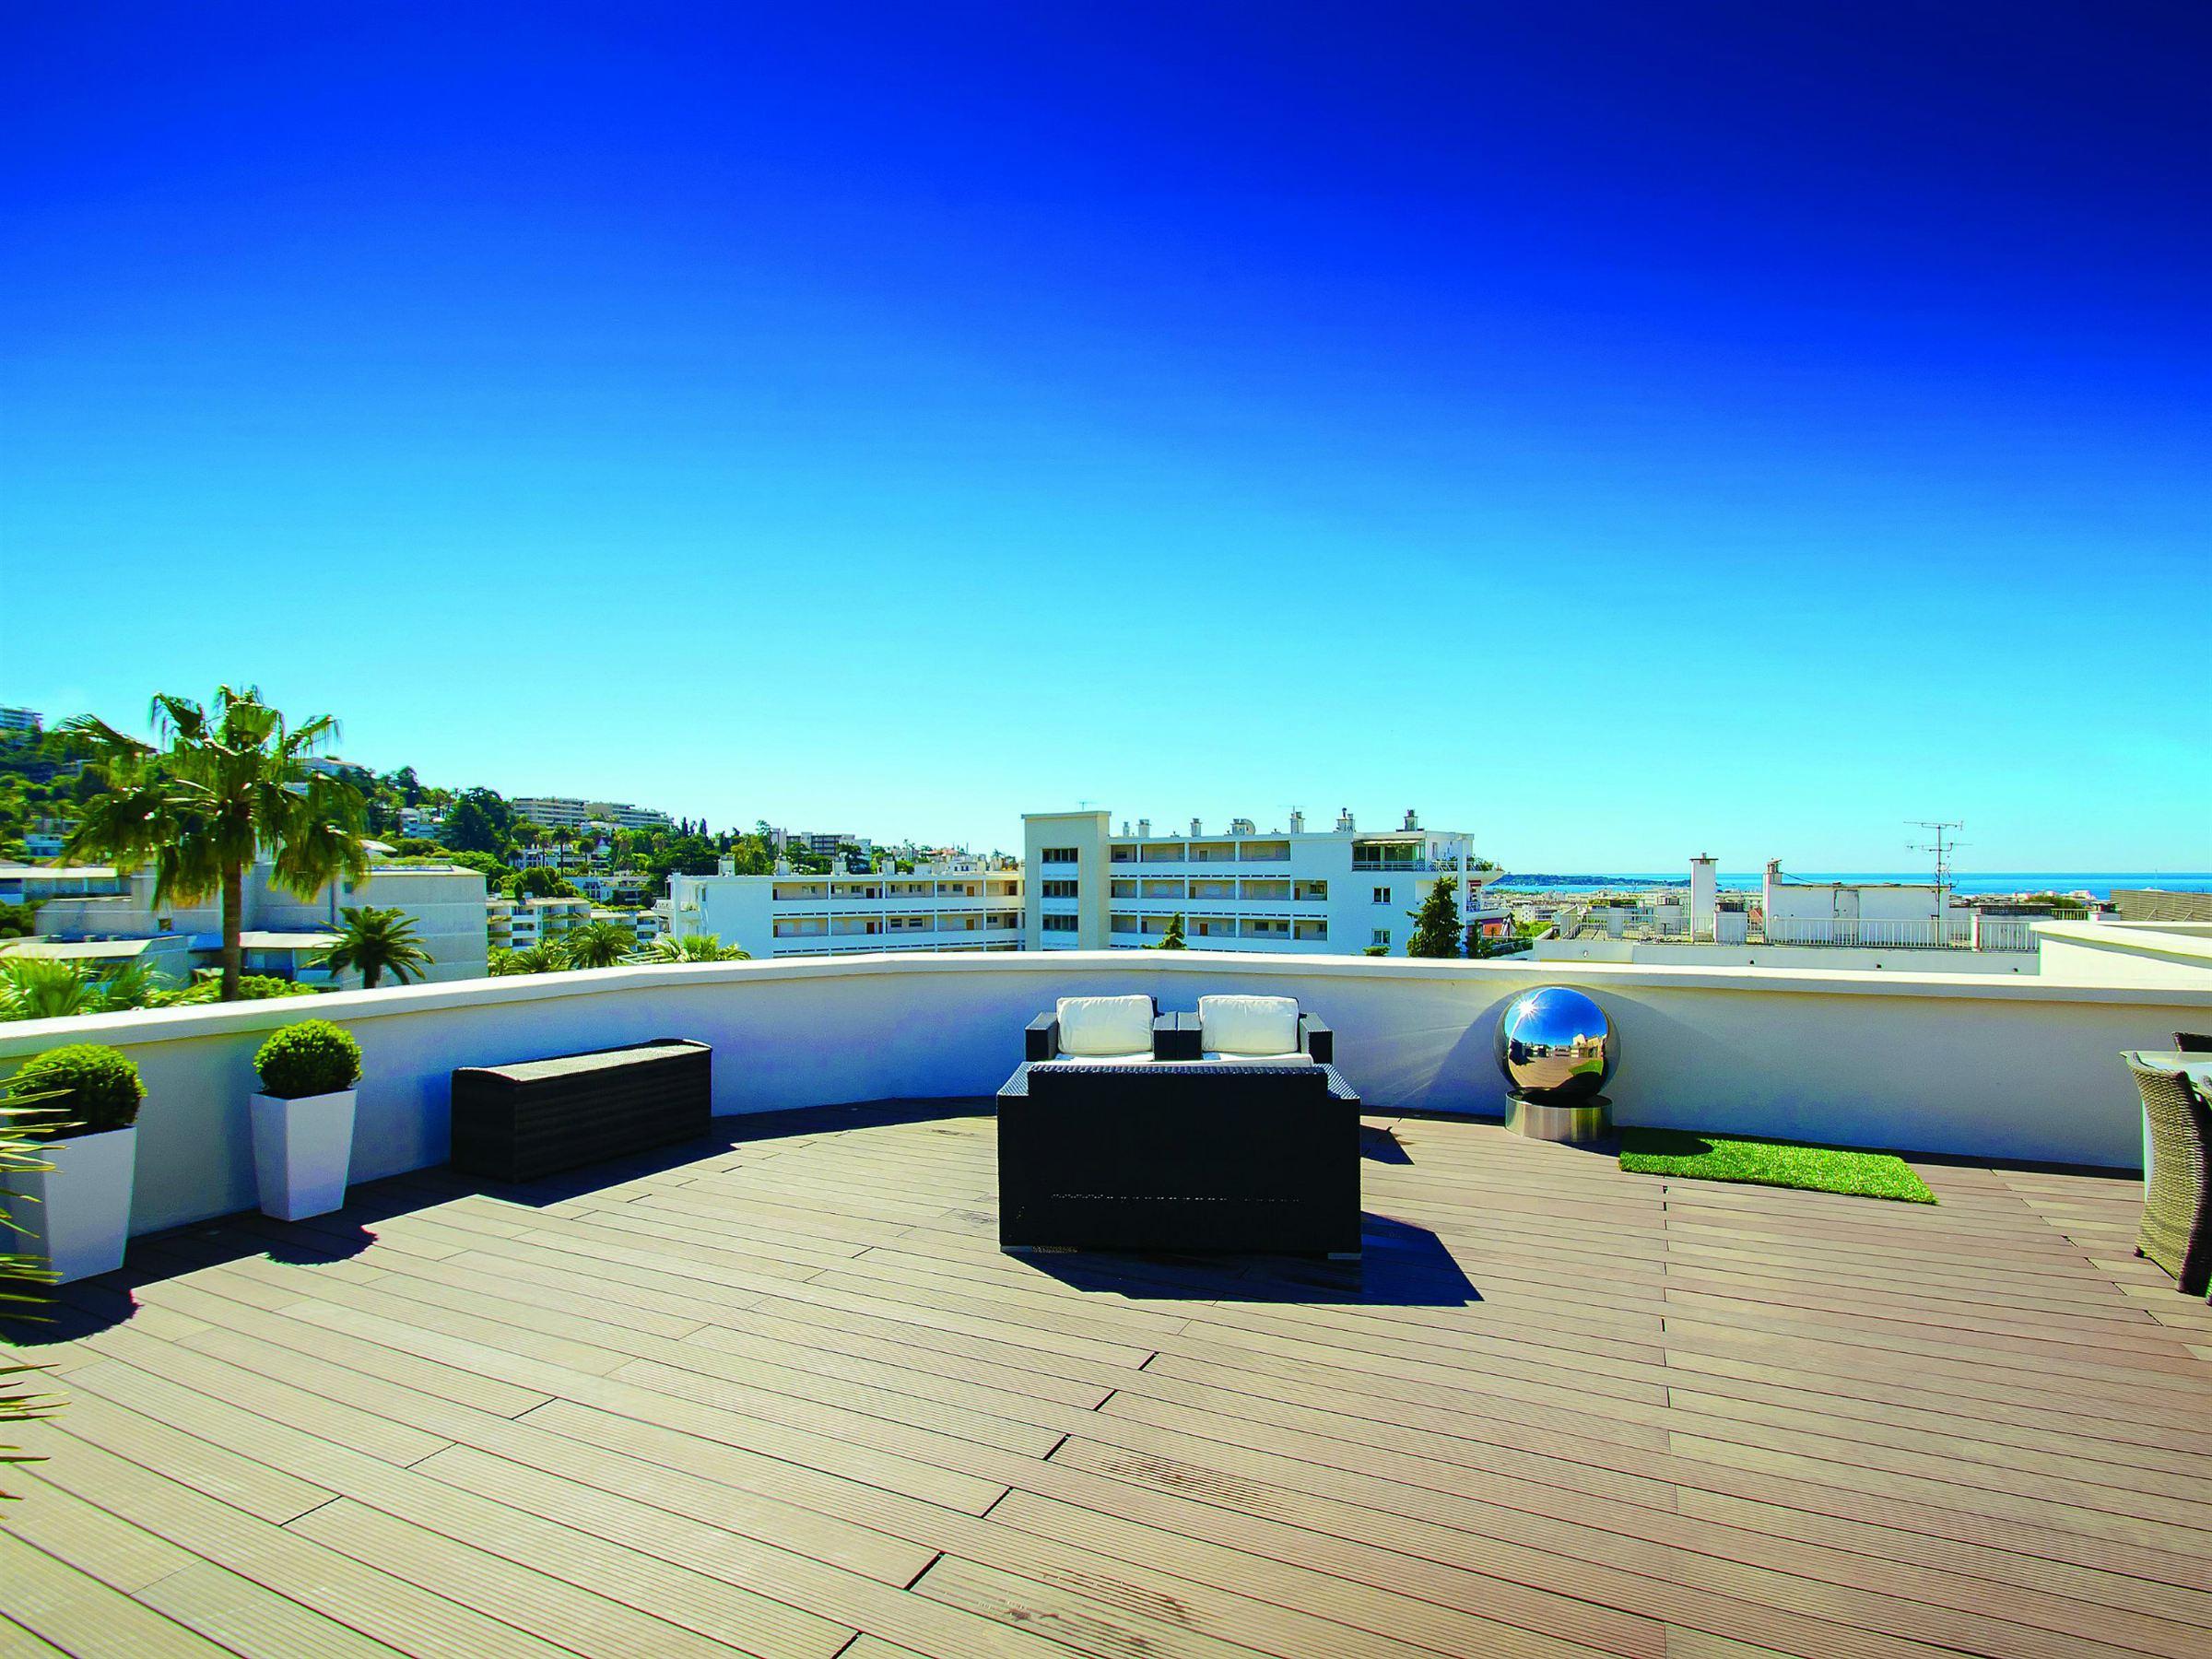 Apartamento para Venda às Luxury penthouse with beautiful roof garden for sale in Cannes Cannes, Provença-Alpes-Costa Azul 06400 França